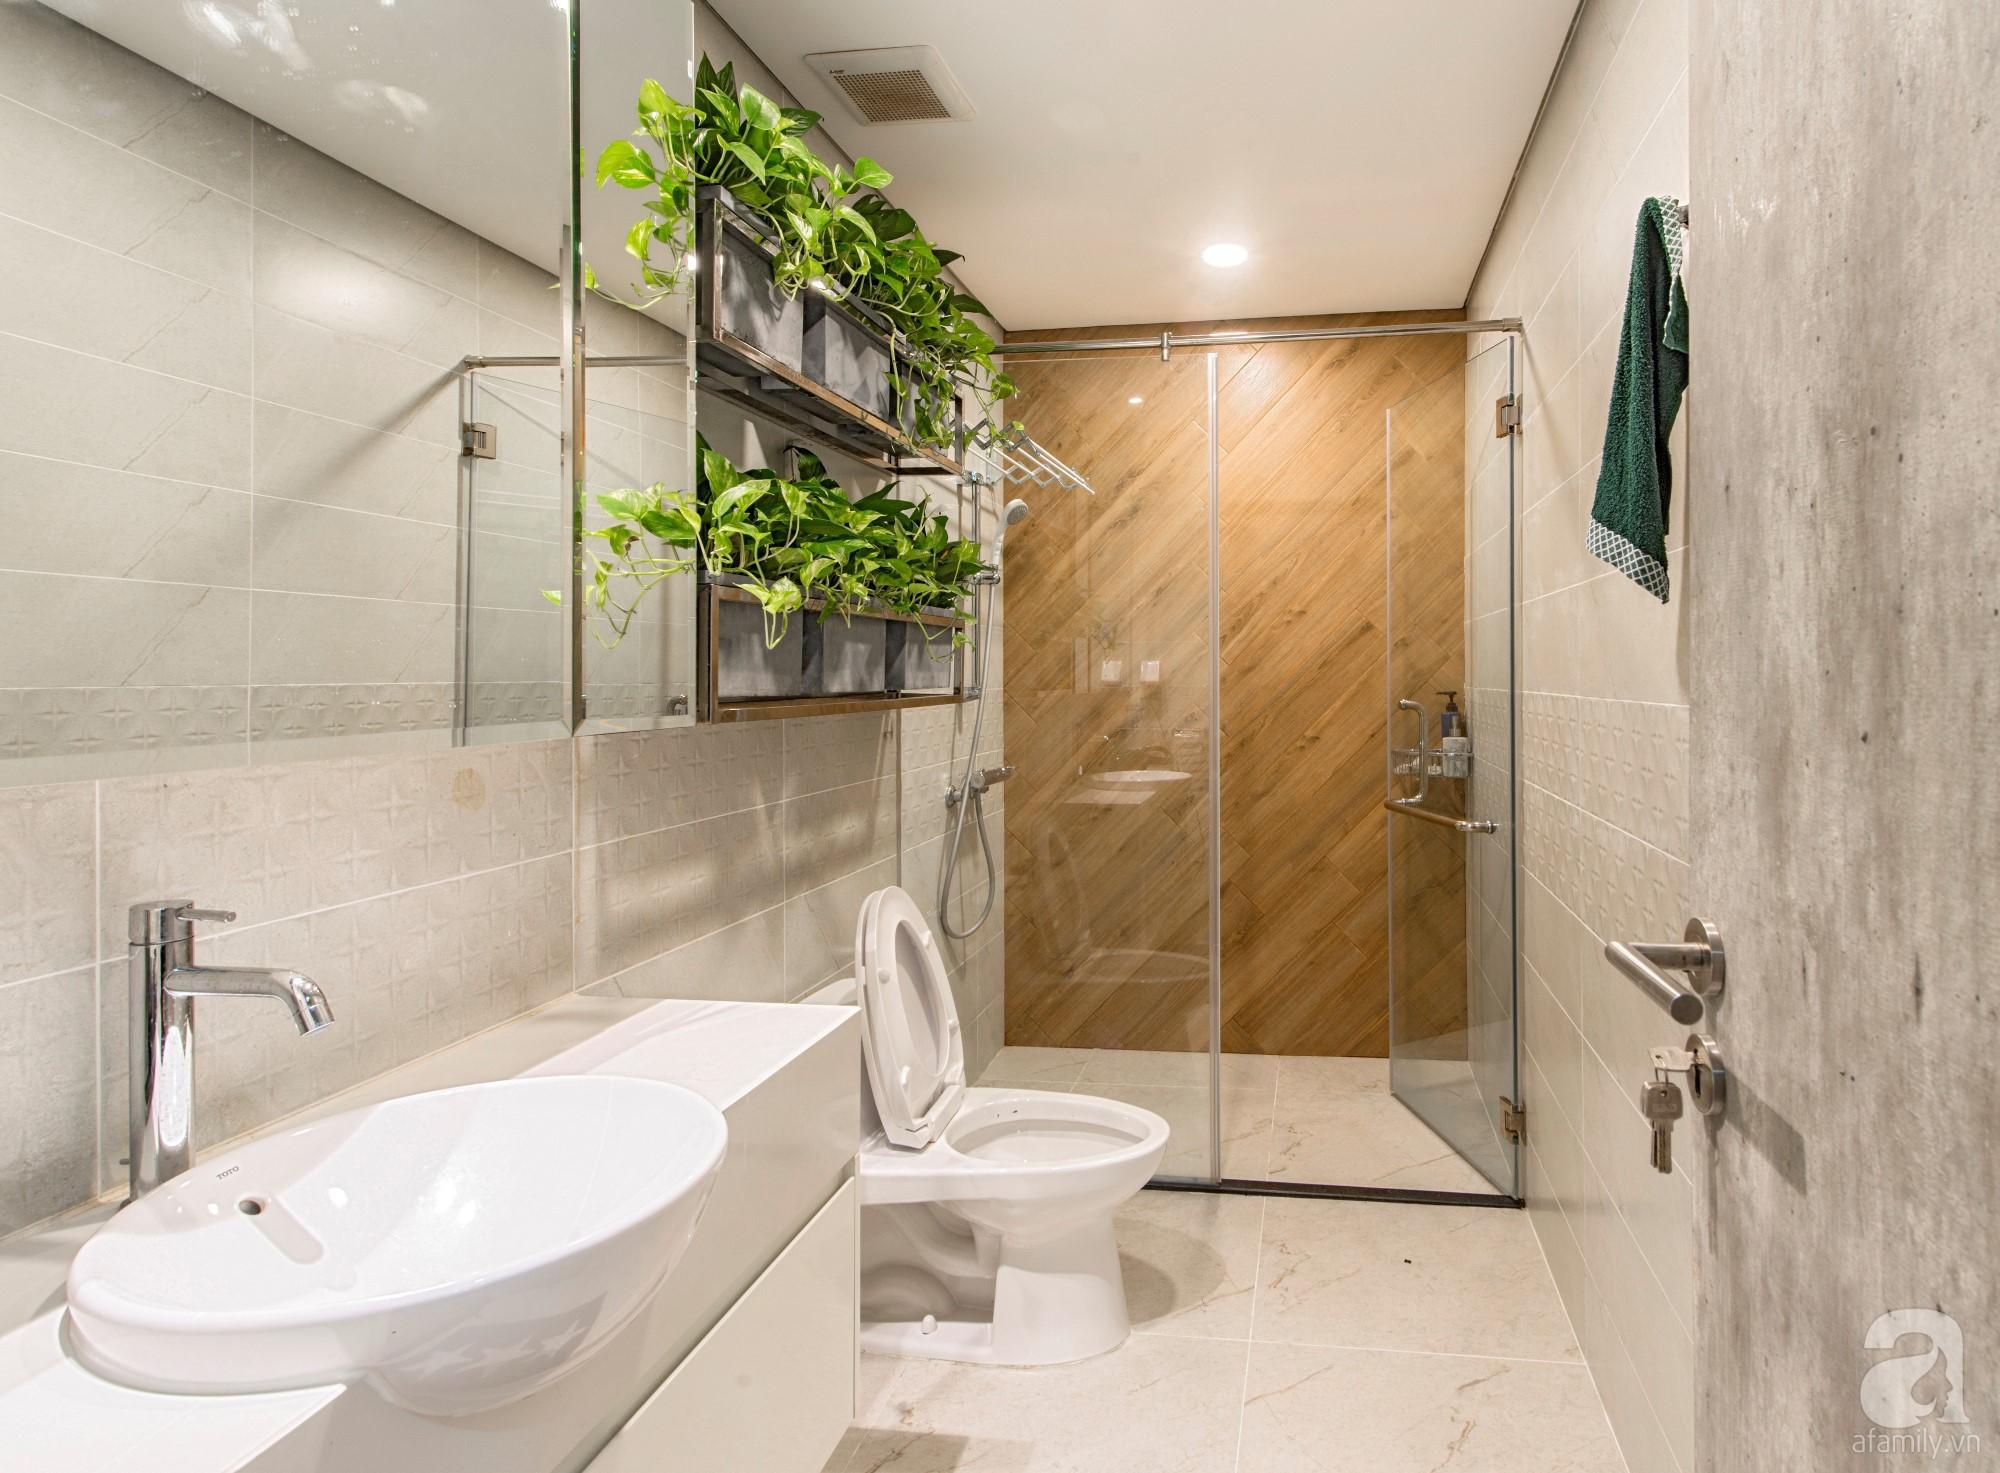 Căn hộ 80m² trên tầng 21 đẹp độc đáo với chi phí cải tạo 780 triệu đồng của chủ nhà yêu cây xanh - Ảnh 19.